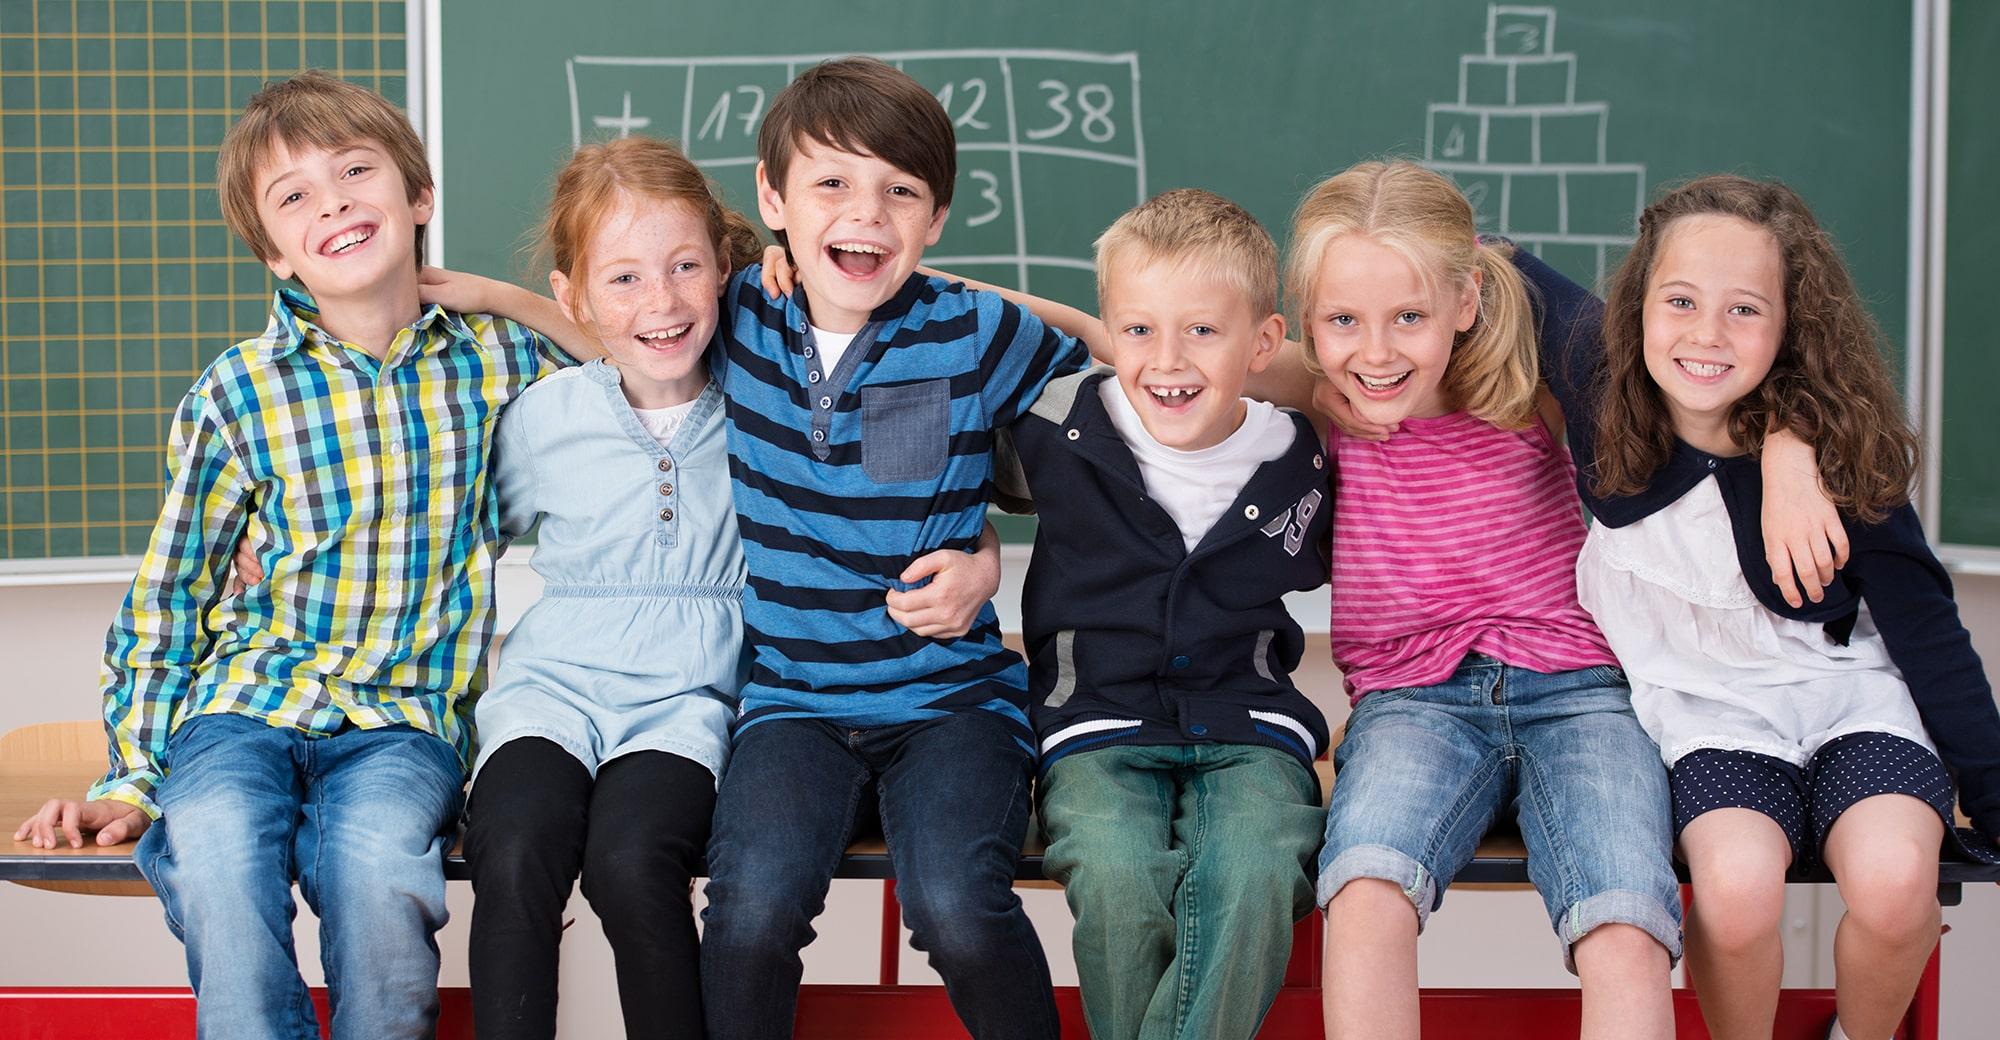 Lachende Kinder vor Schultafel, Foto: contrastwerkstatt – stock.adobe.com